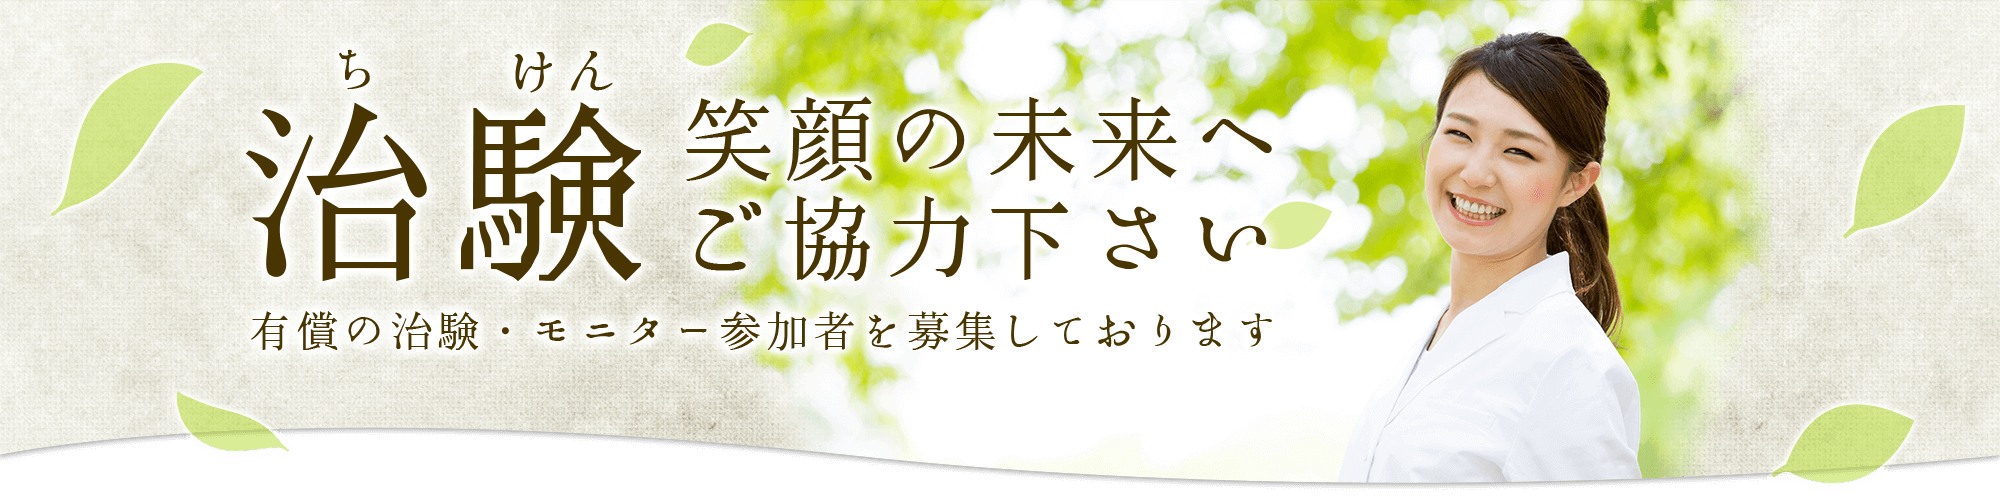 治験 アルバイト 福井